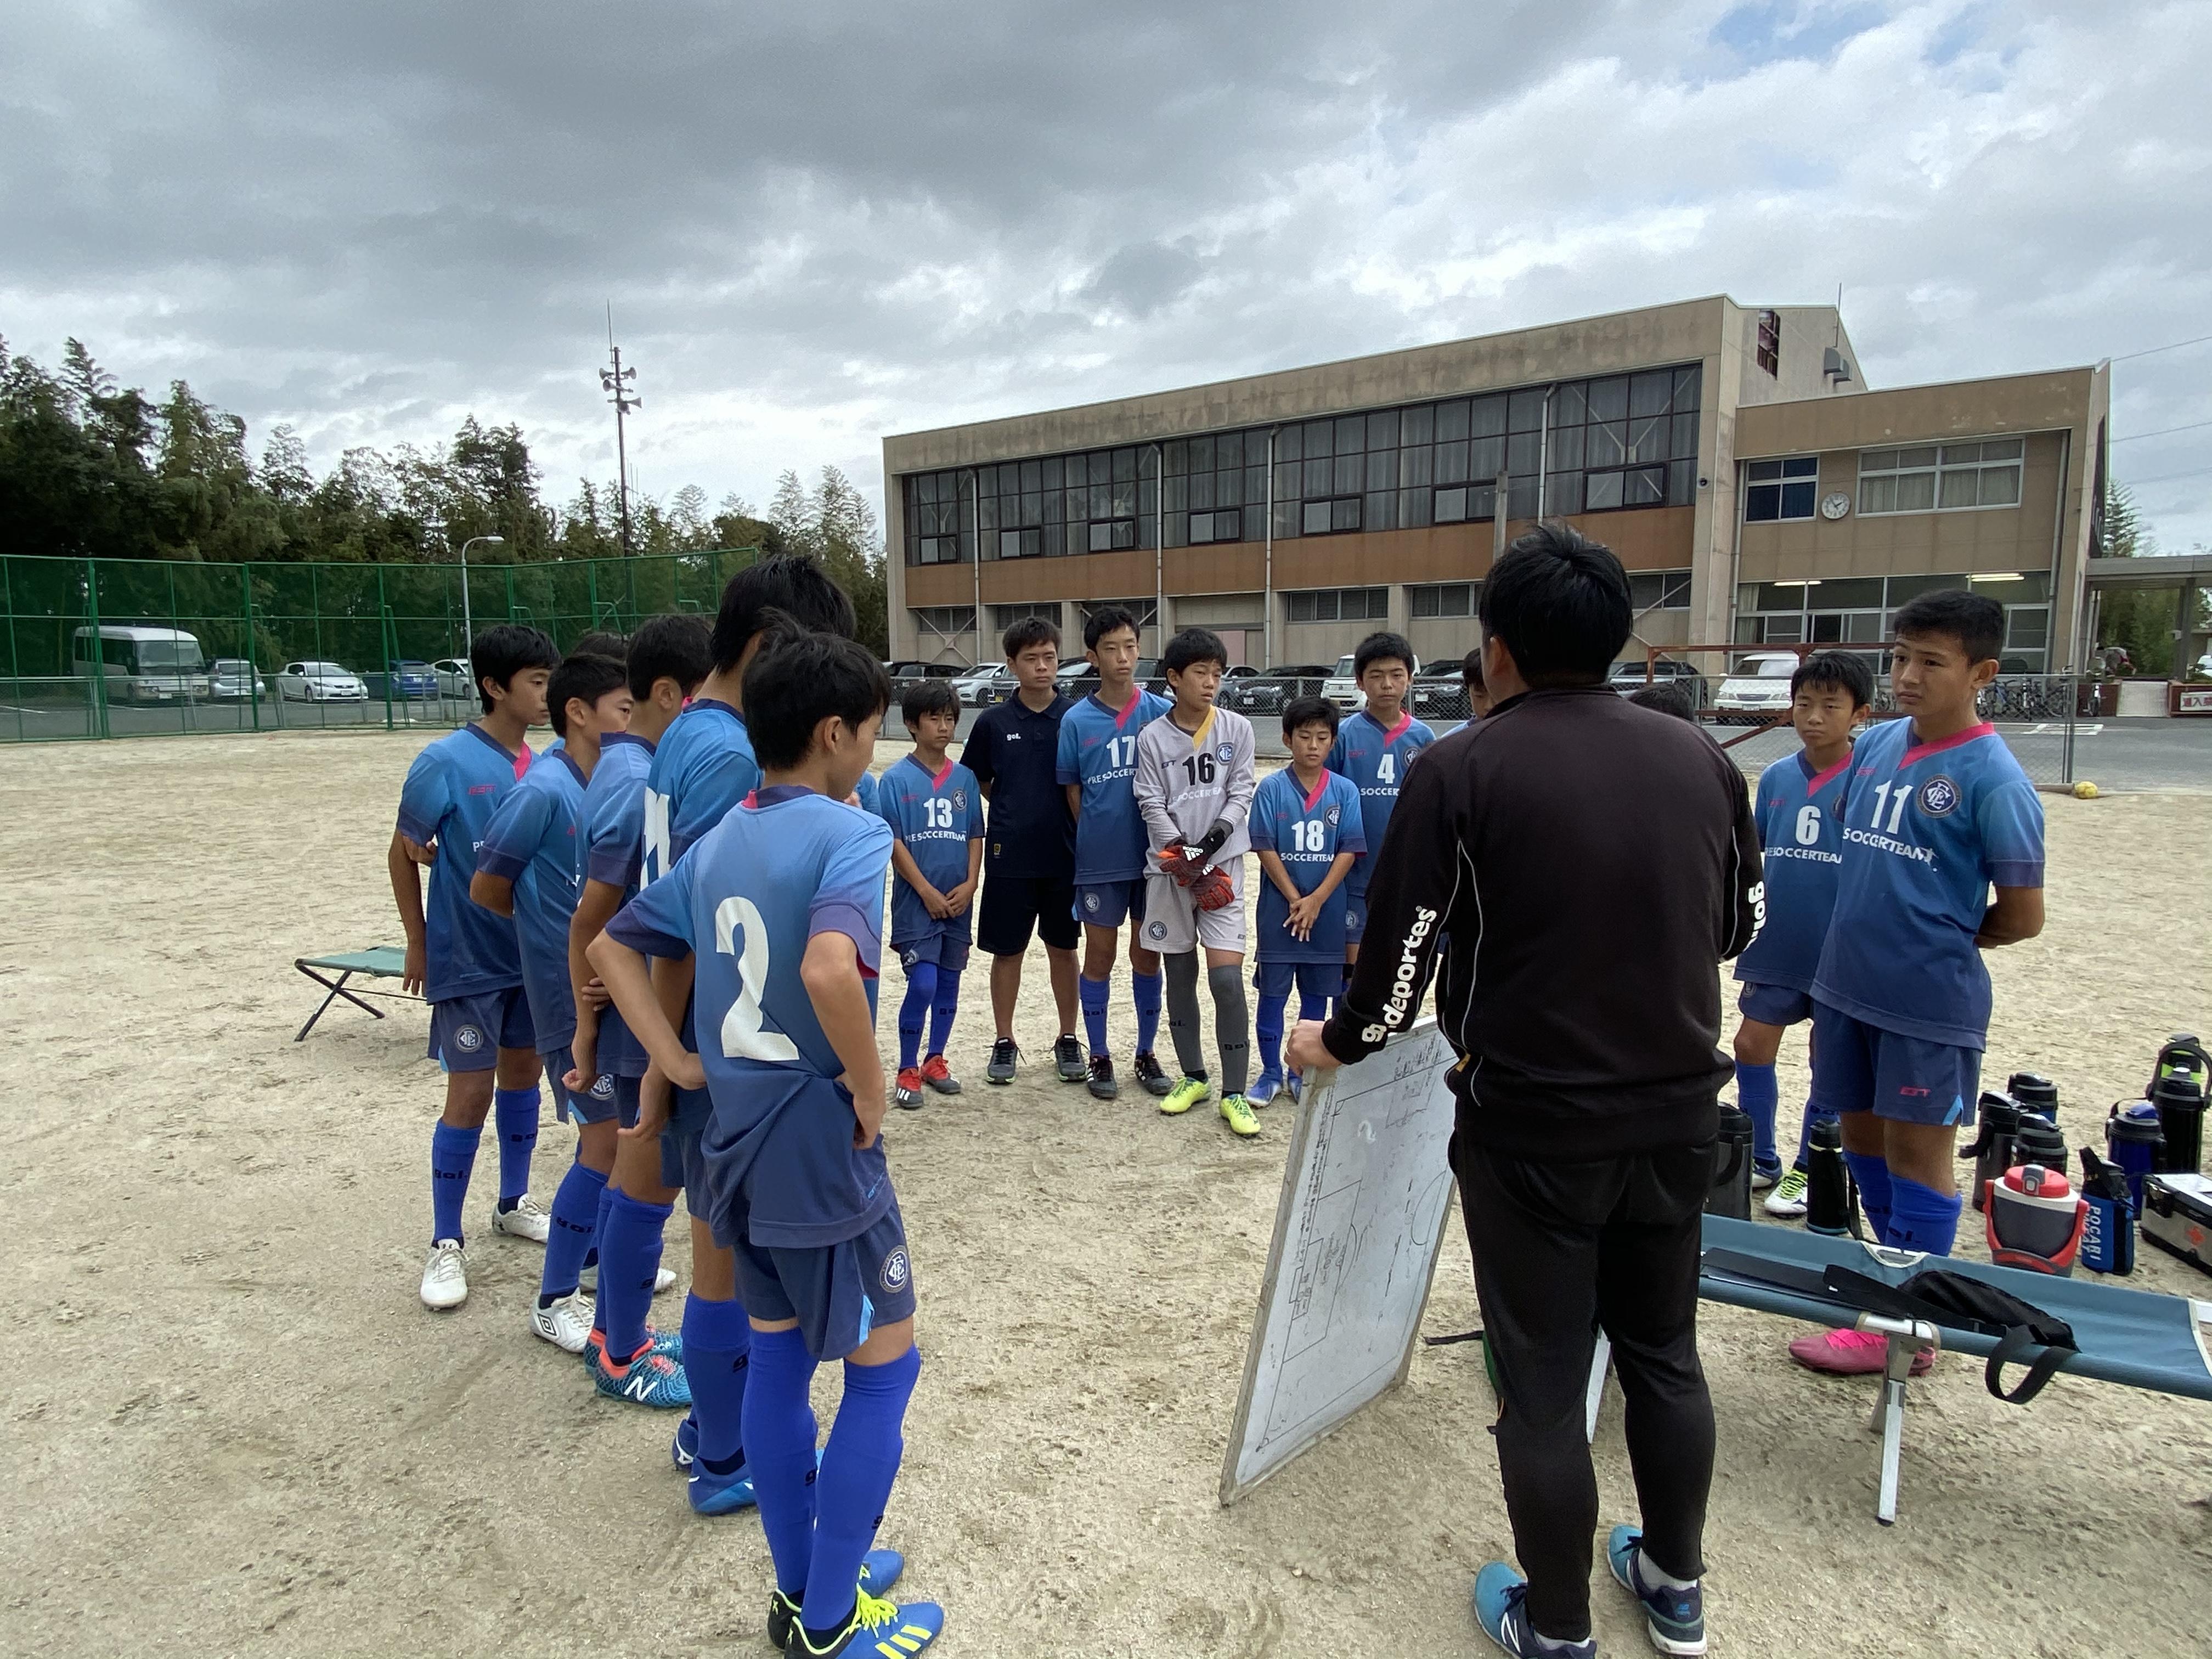 クラブユース(1年生大会) 第2戦 vs レオン福岡